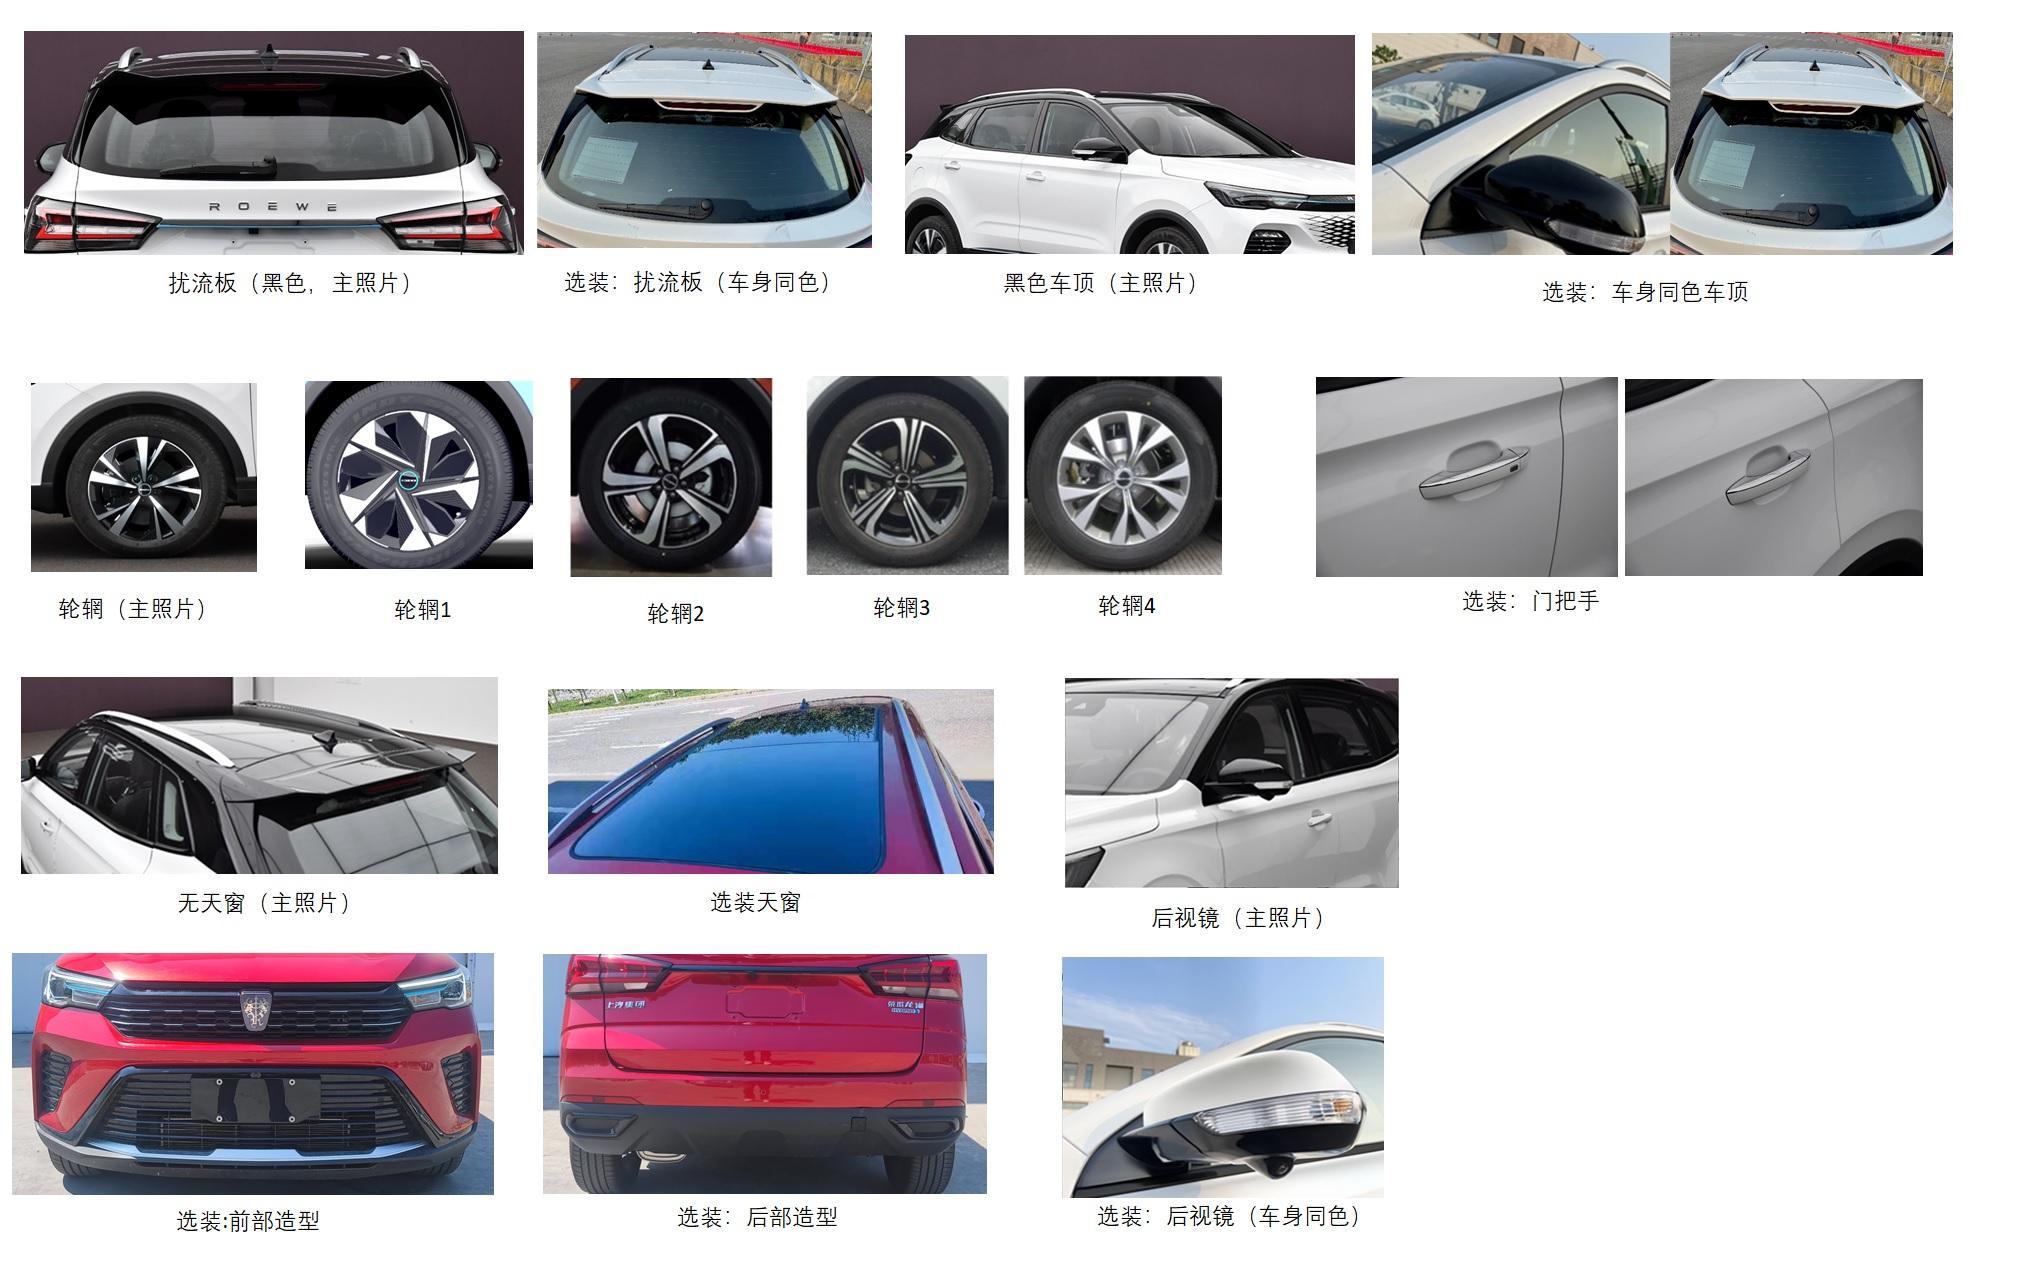 新设计,新动力,新名称,上汽荣威龙猫申报信息曝光